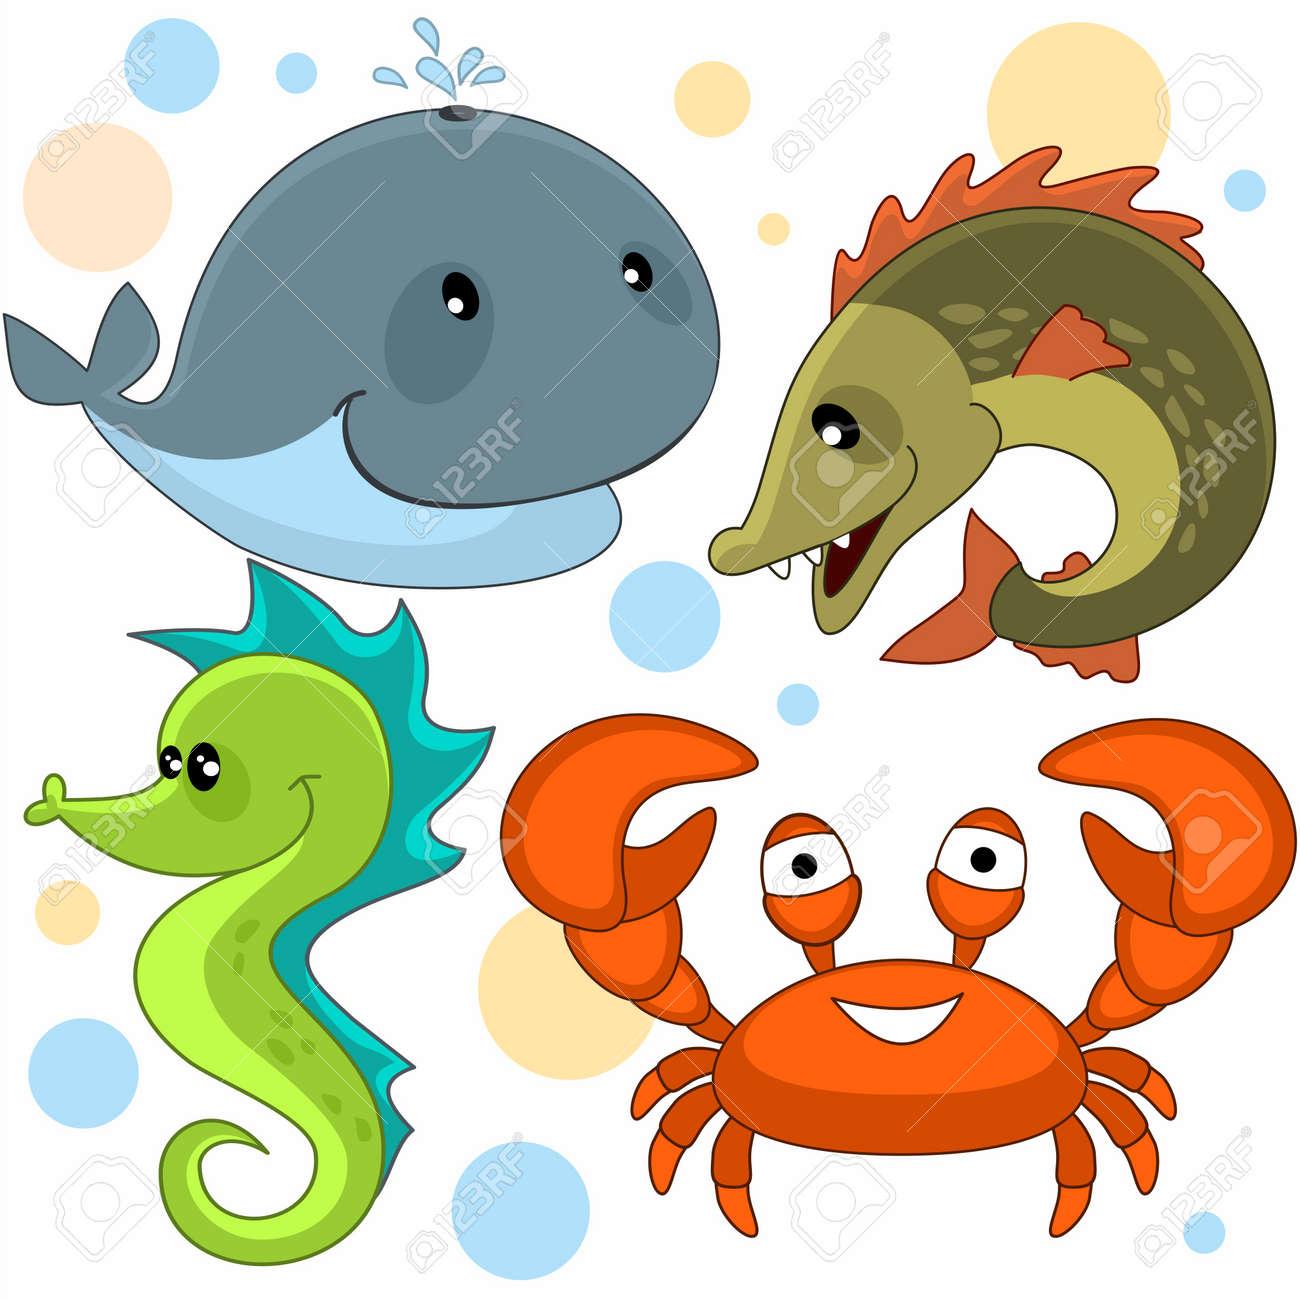 Conjunto De Imágenes De Dibujos Animados Con Animales Marinos Para